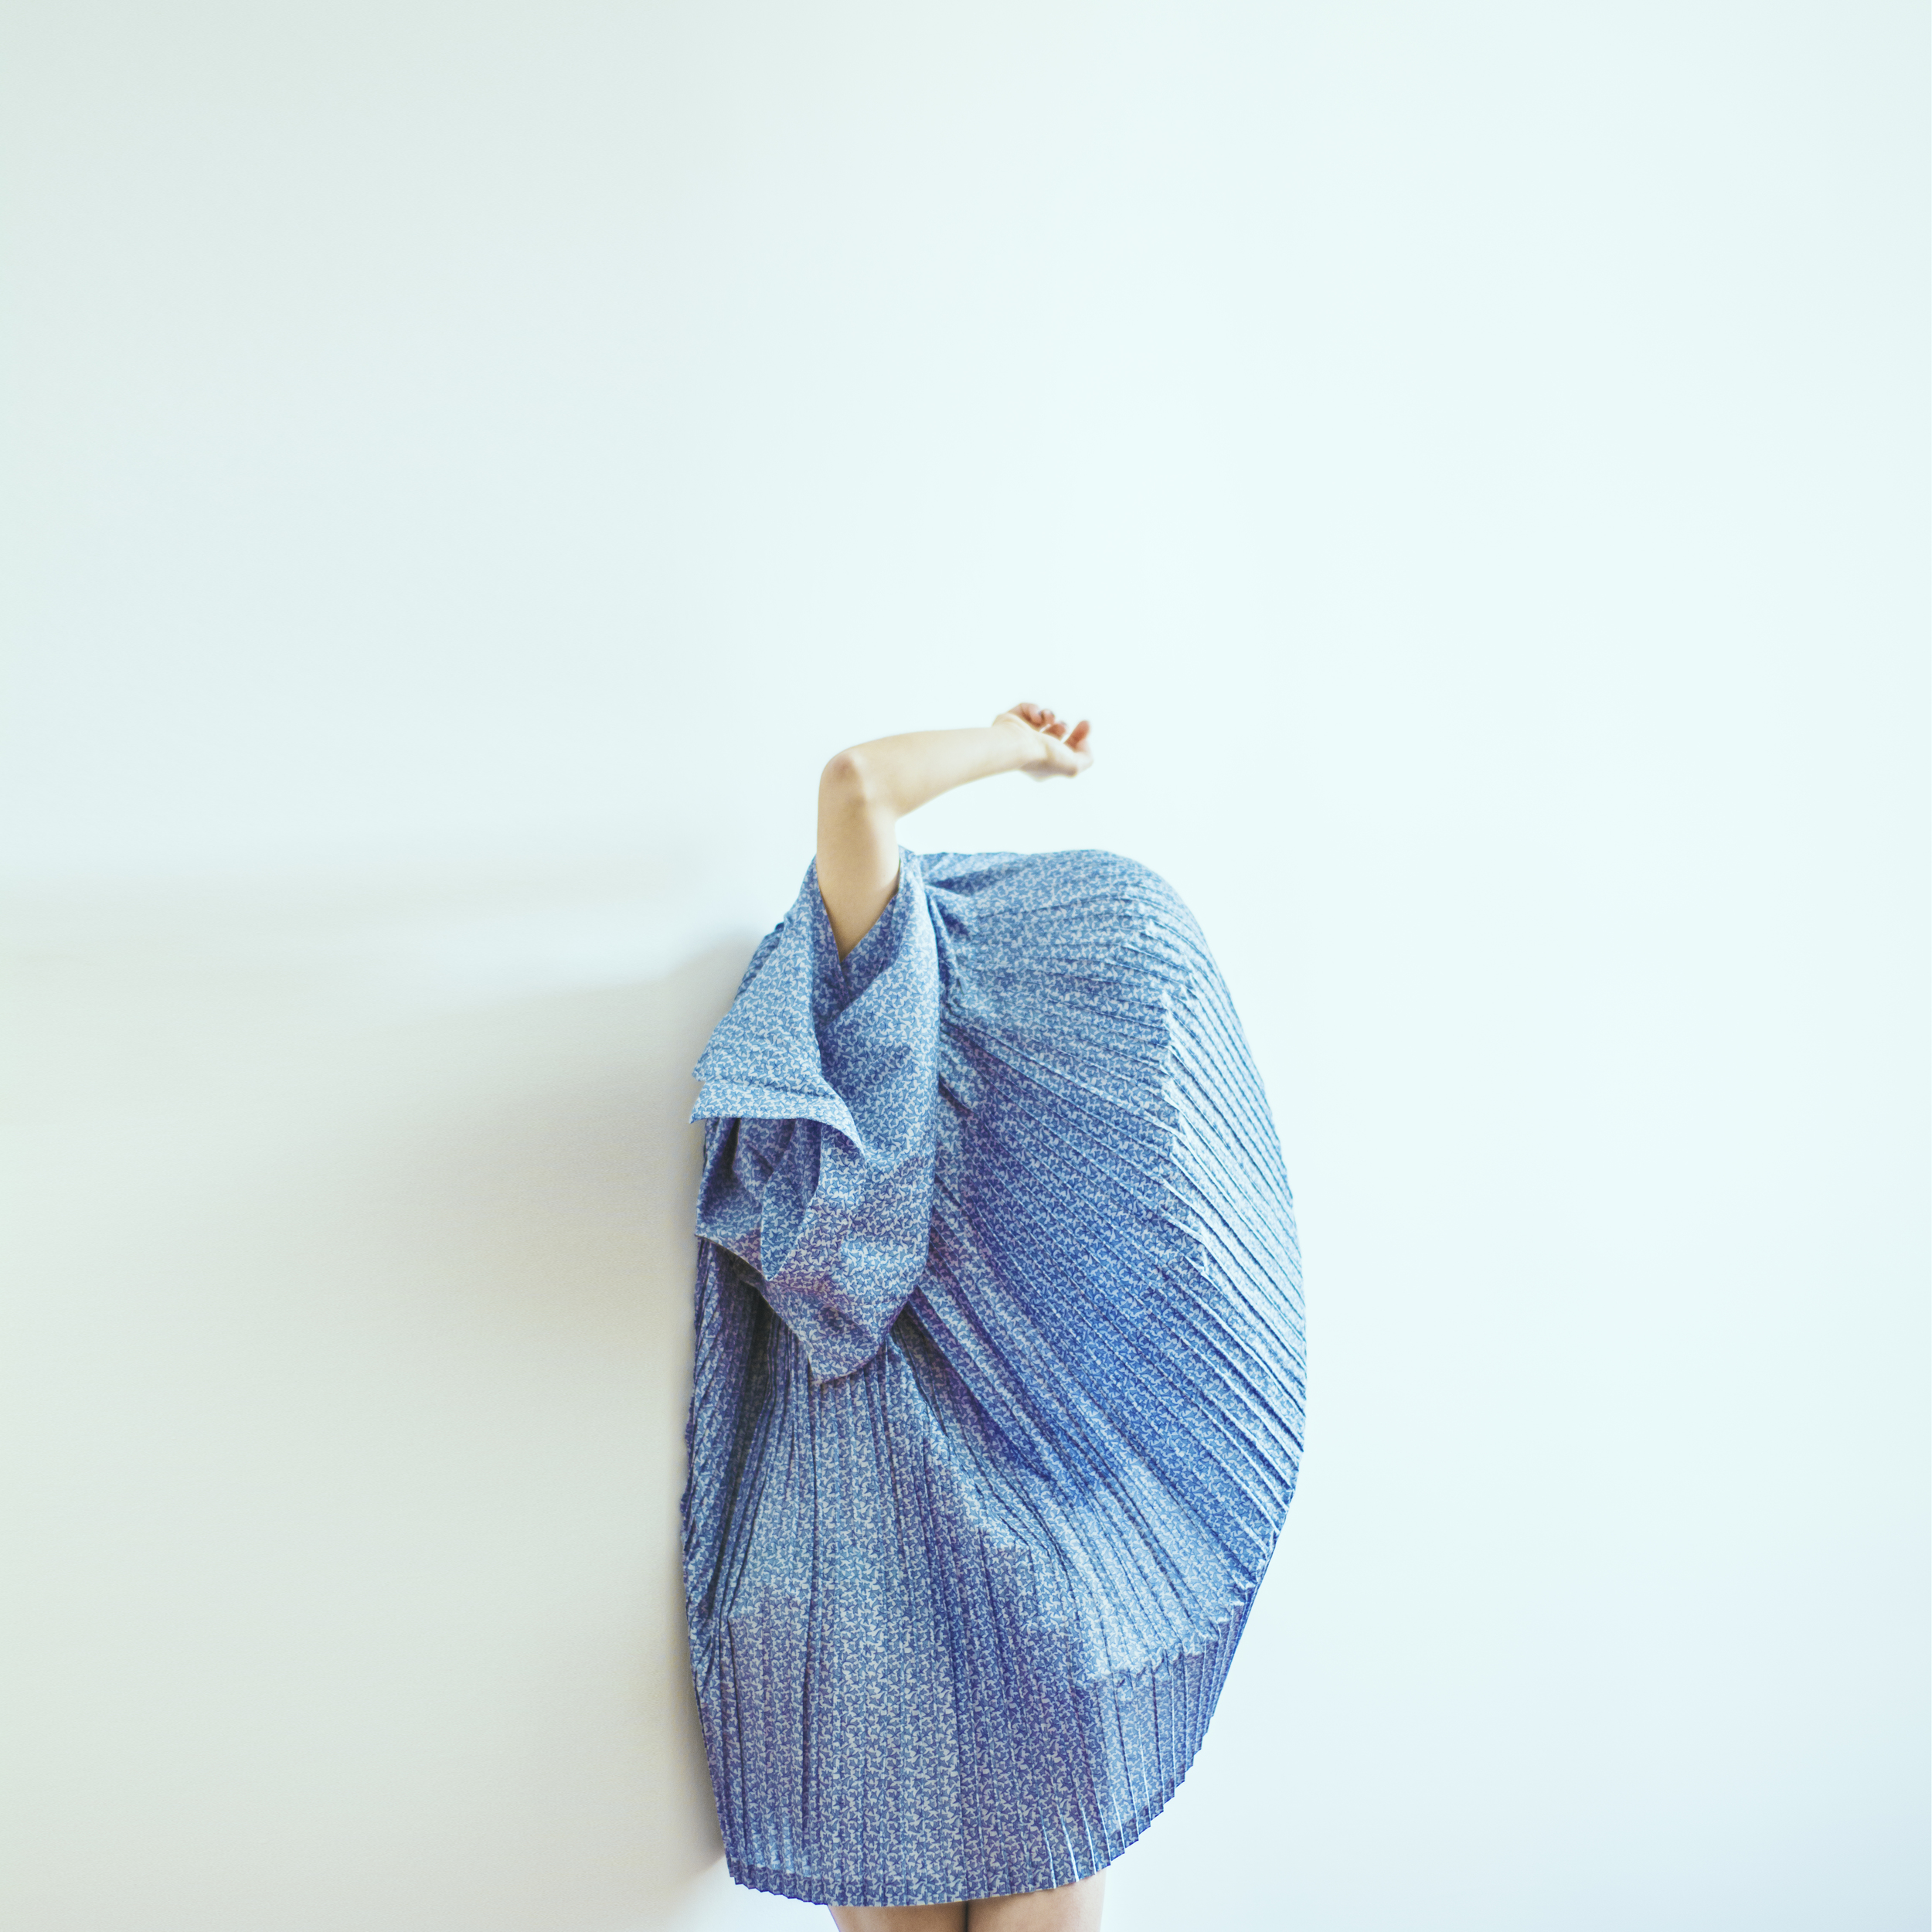 ETIENNE-ANNELAURE_fabric3.jpg